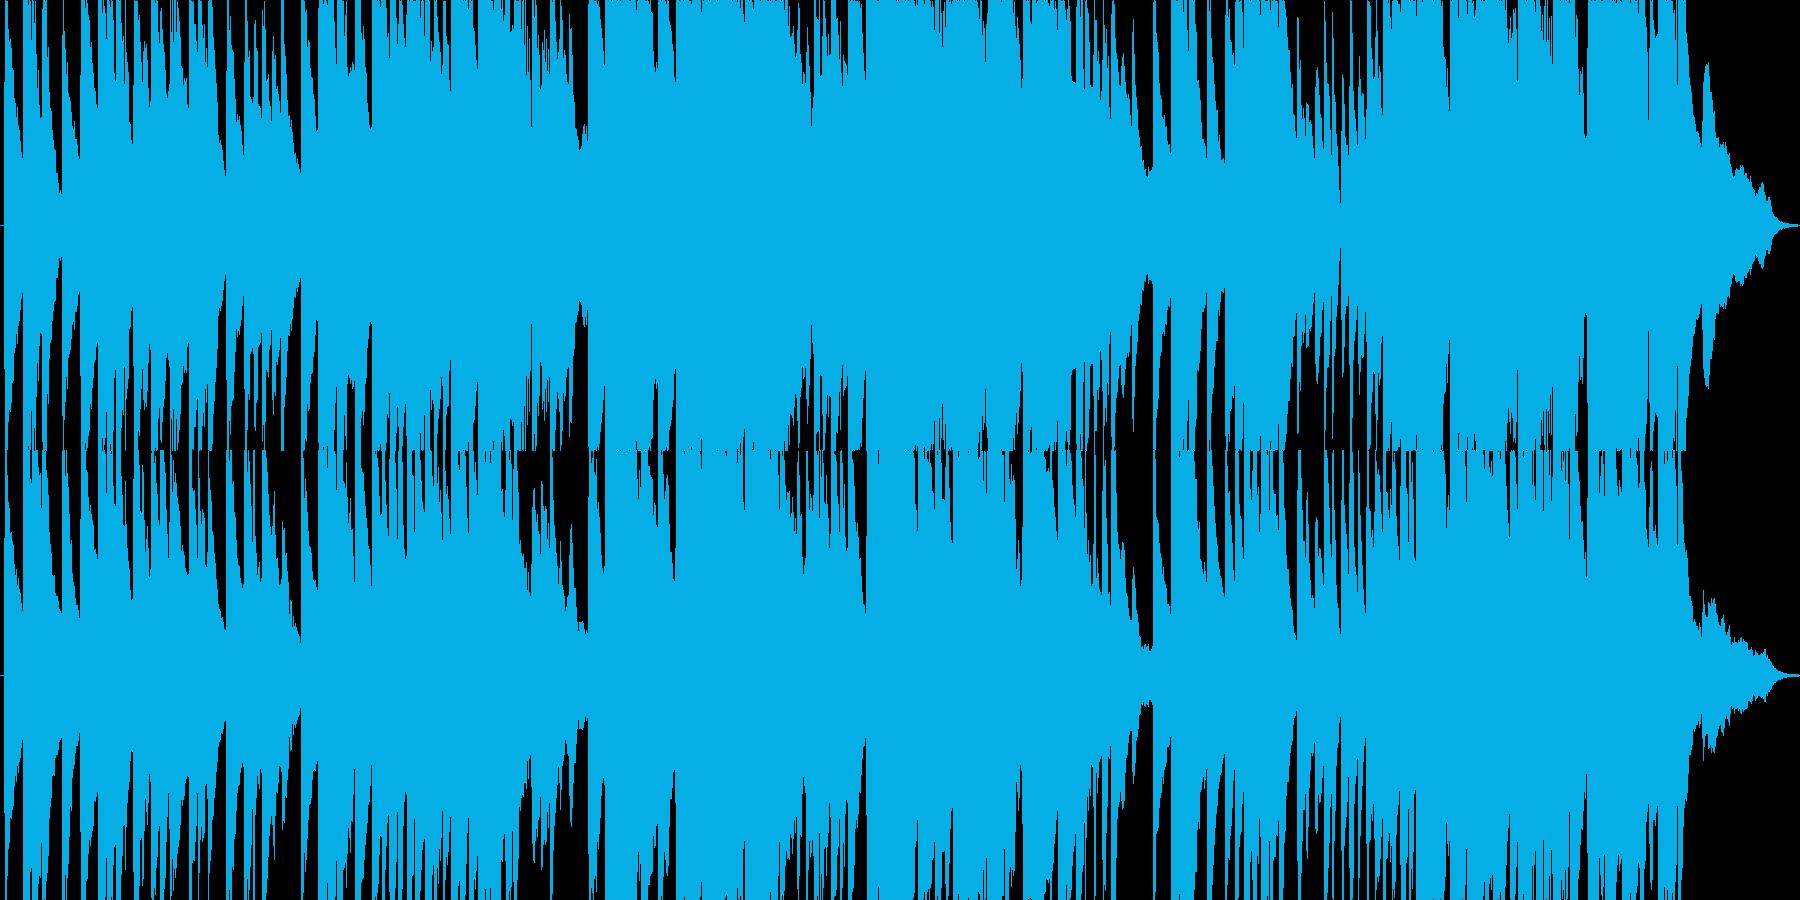 日本の夕暮れ時をイメージしたピアノ曲の再生済みの波形